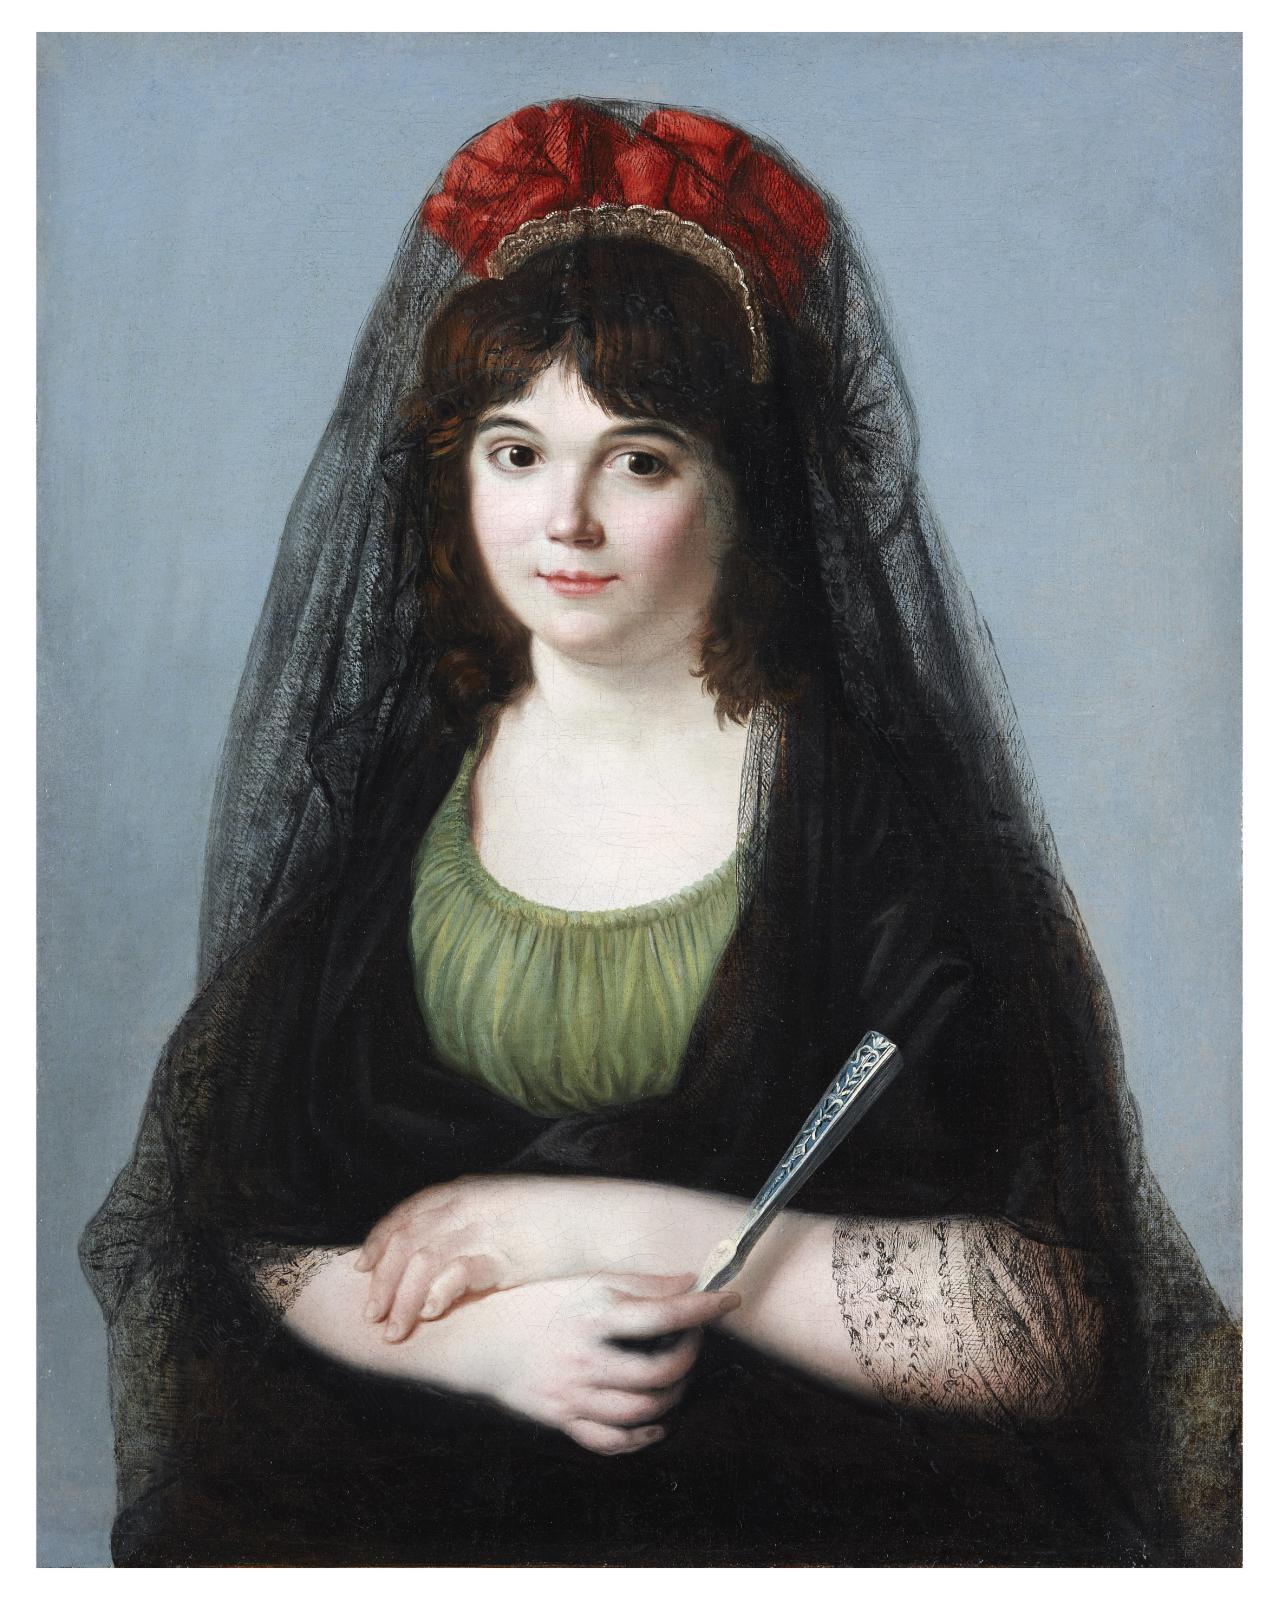 Zacarias González Velázquez (1763-1834), Portrait de jeune femme à l'éventail et mantille, huile sur toile, 71,4x56cm. © Joaquin Cortes